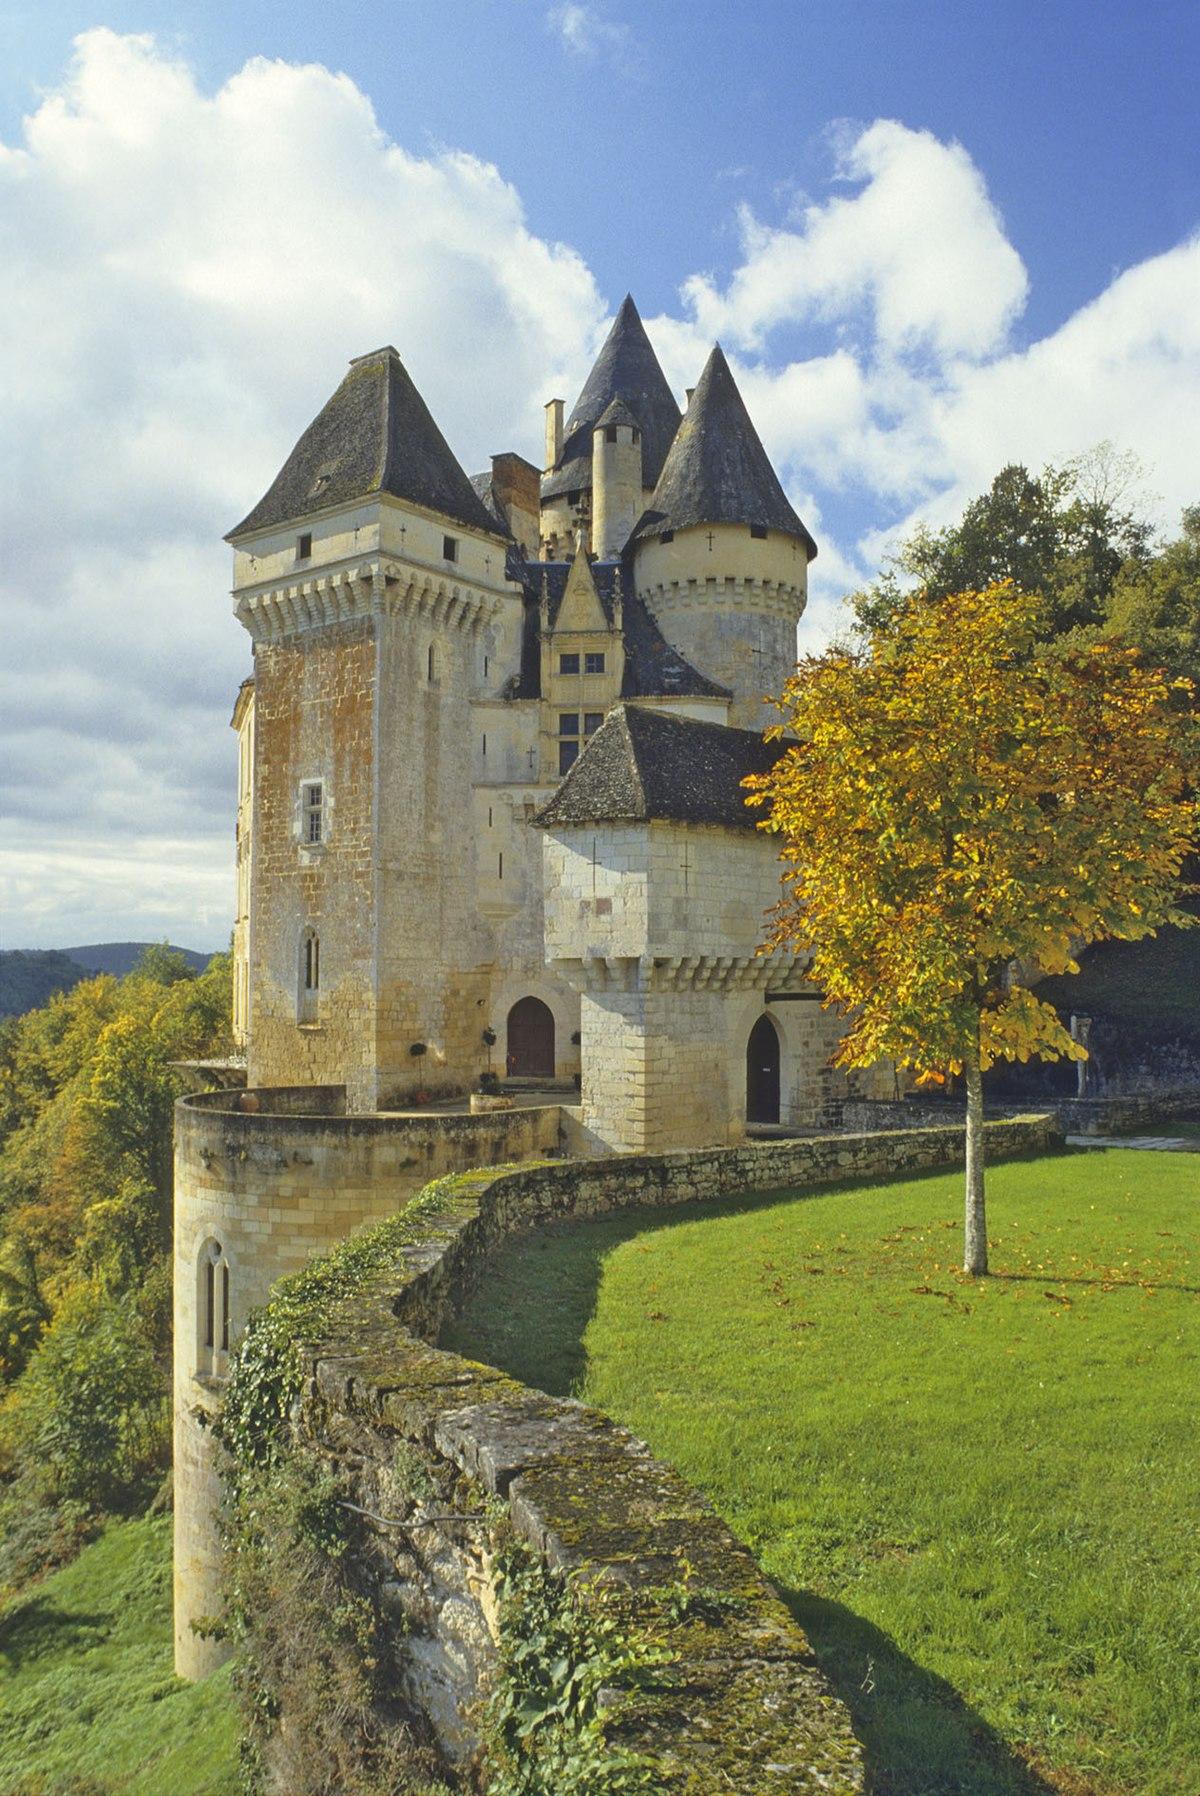 Nouvelle-Aquitaine - Wikipedia dedans Nouvelle Region France